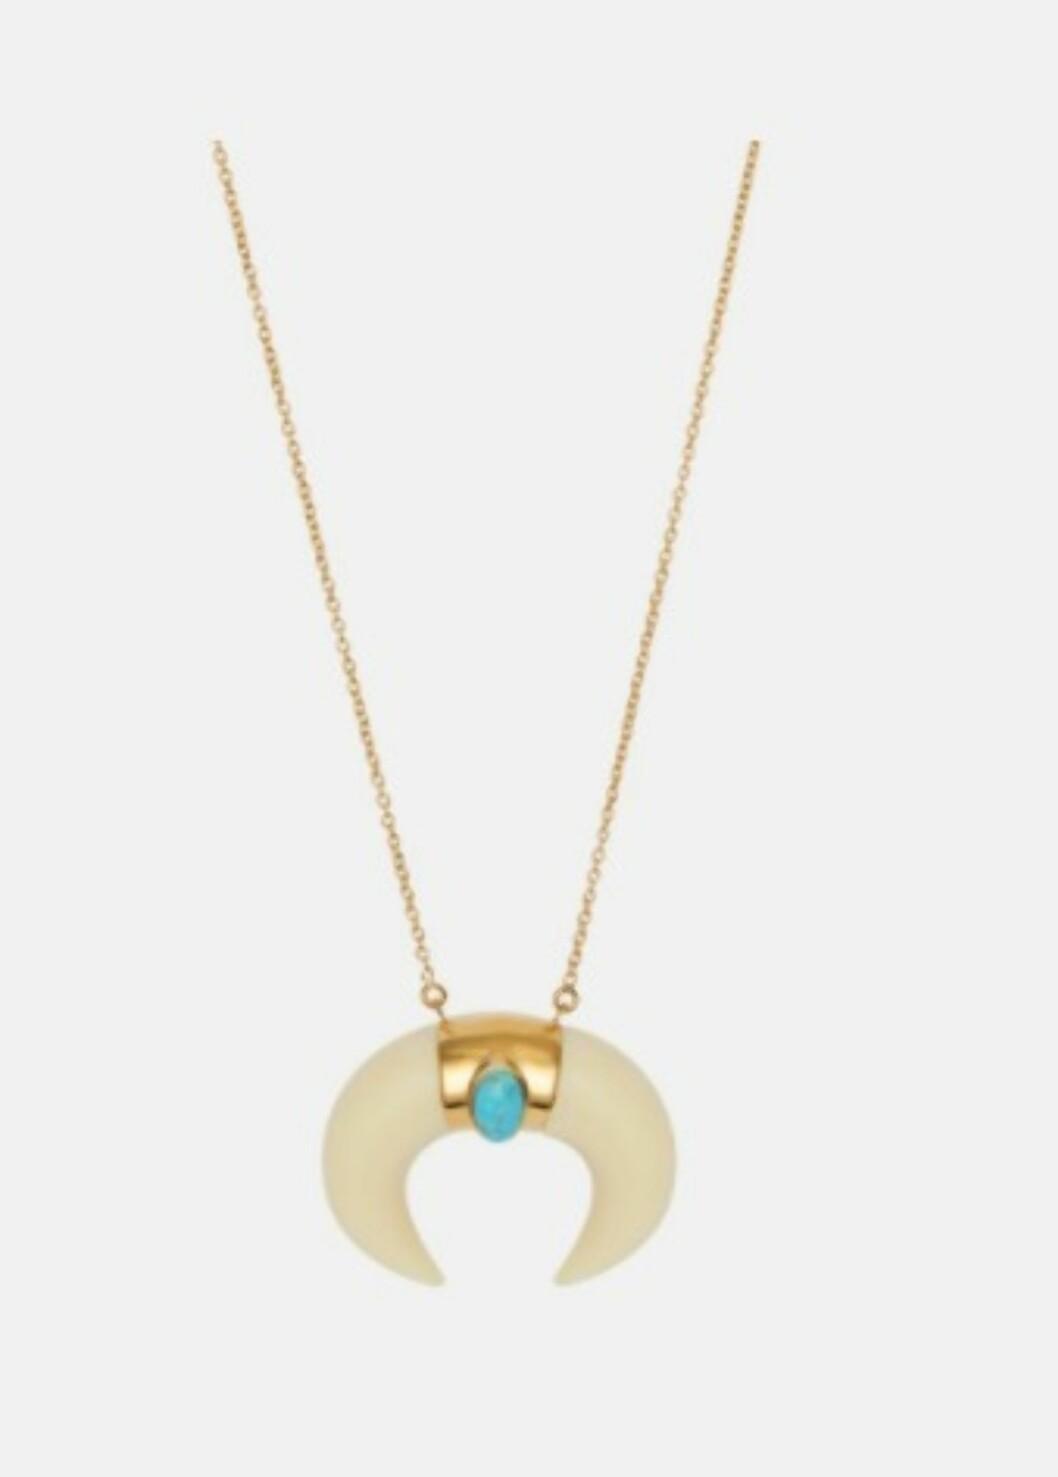 <strong>Kjede fra Maanesten | kr 1456 | http:</strong>//maanesten.com/nb/produkt/shama-necklace-3/?switch_lang=1